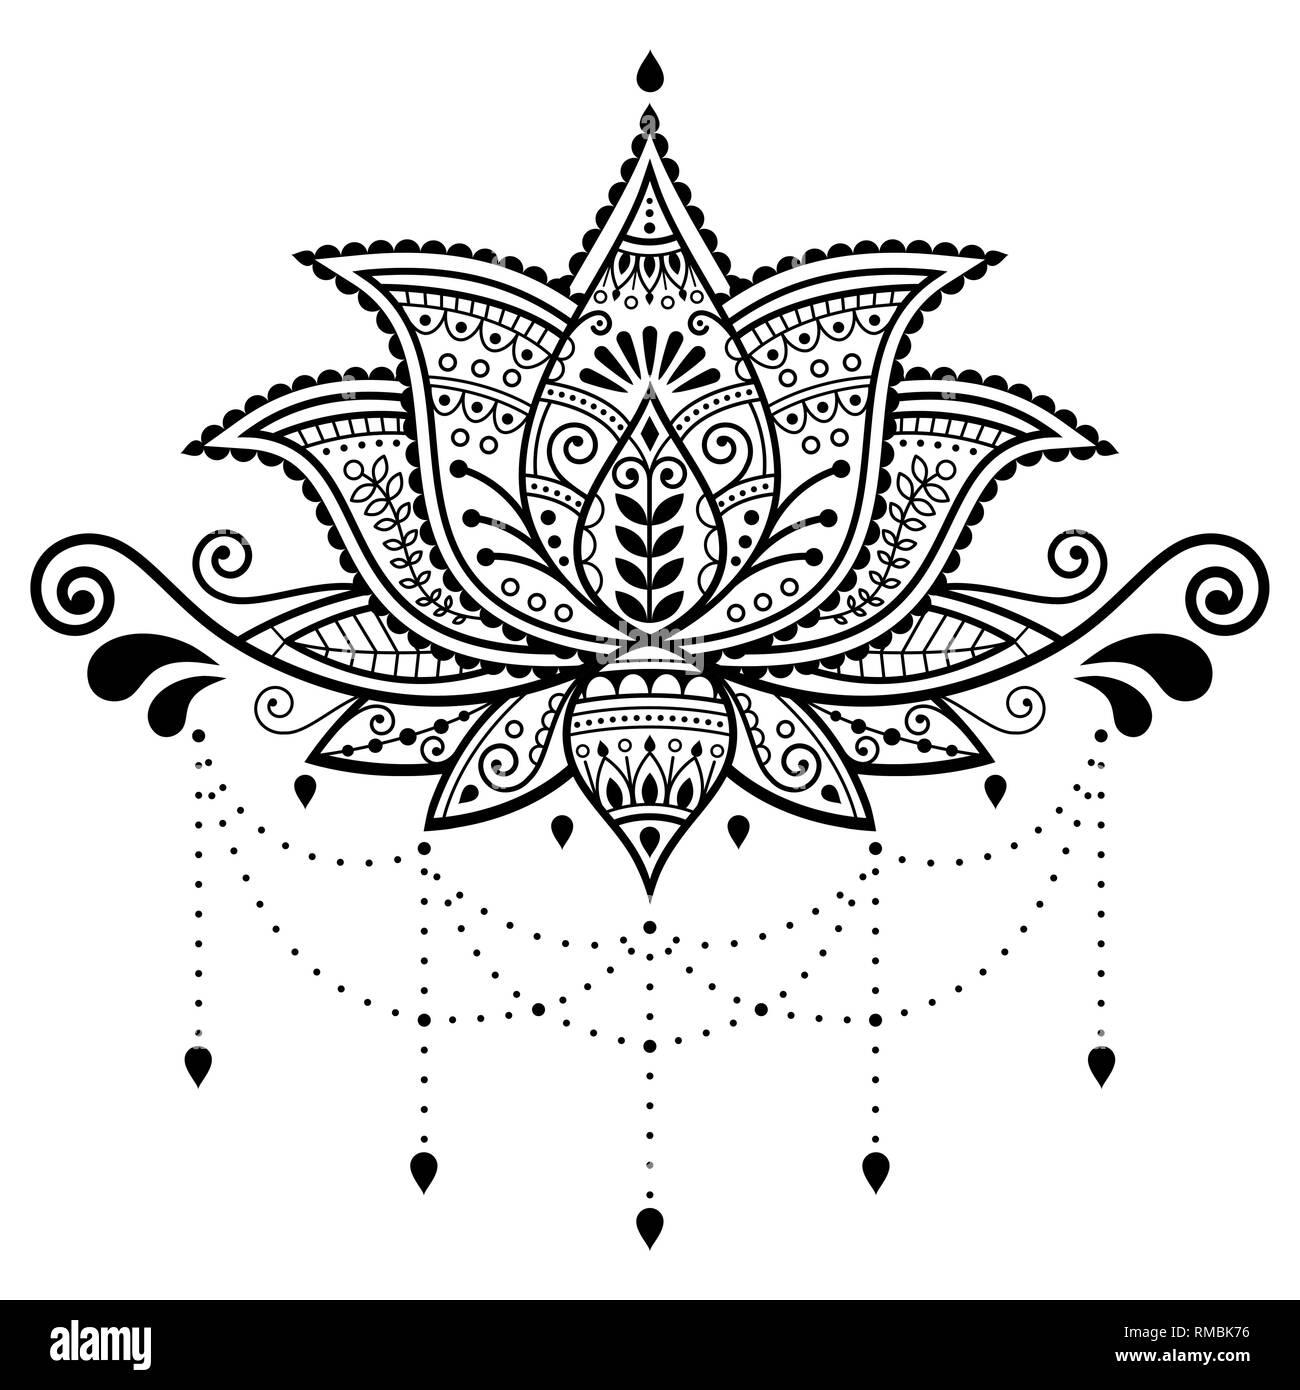 Fleur De Lotus Vecteur Conception Ornementale Indienne Motif Tatouage Au Henne Mehndi Yoga Decoration Carte De Souhaits Image Vectorielle Stock Alamy